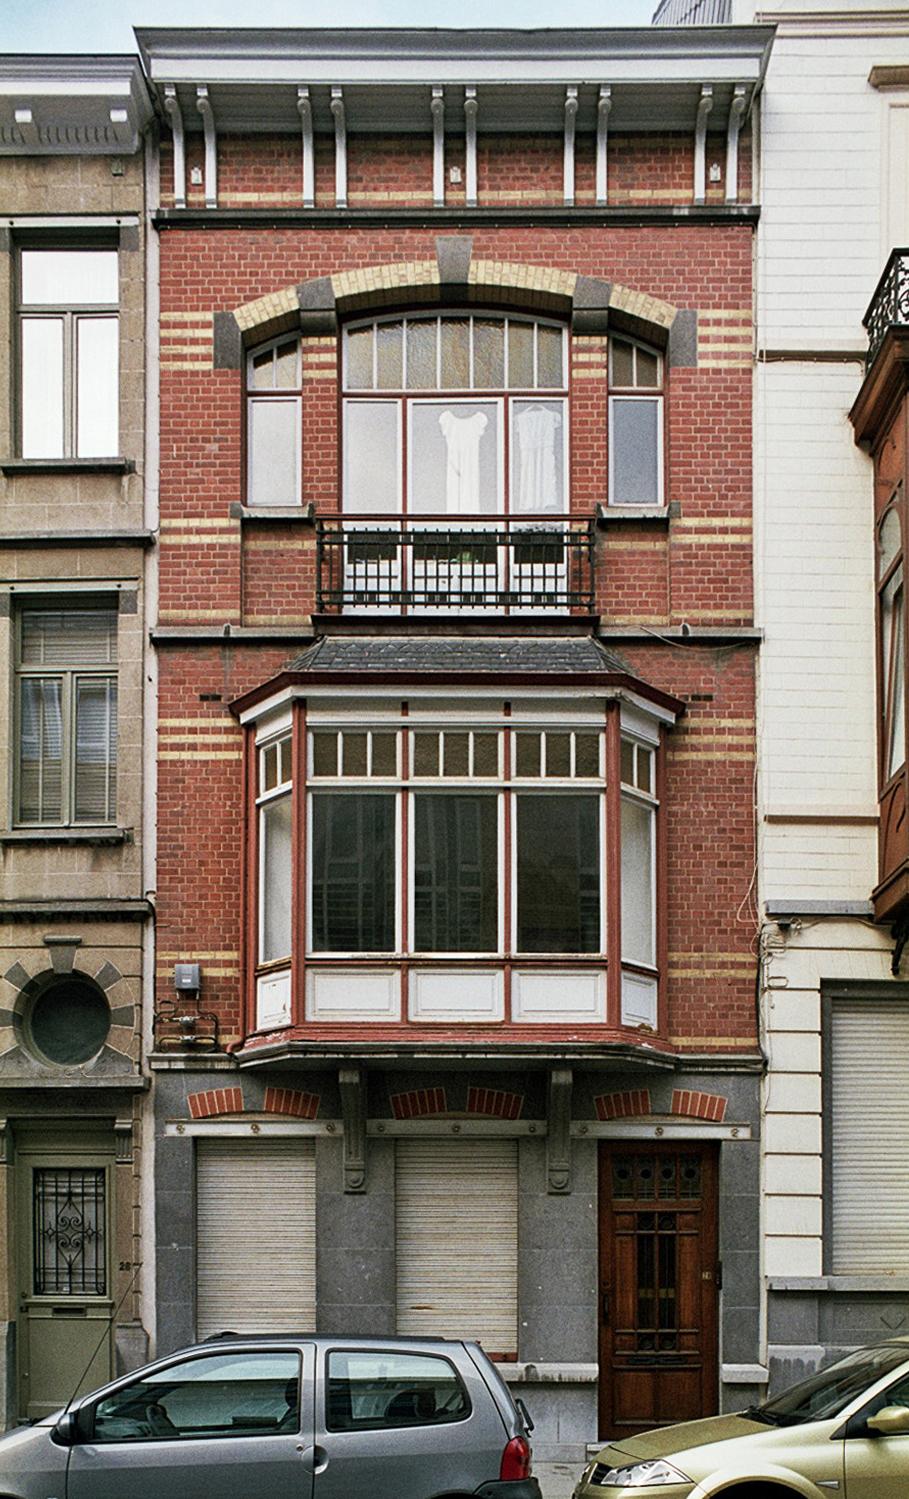 Rue Léonard de Vinci 28., 2009